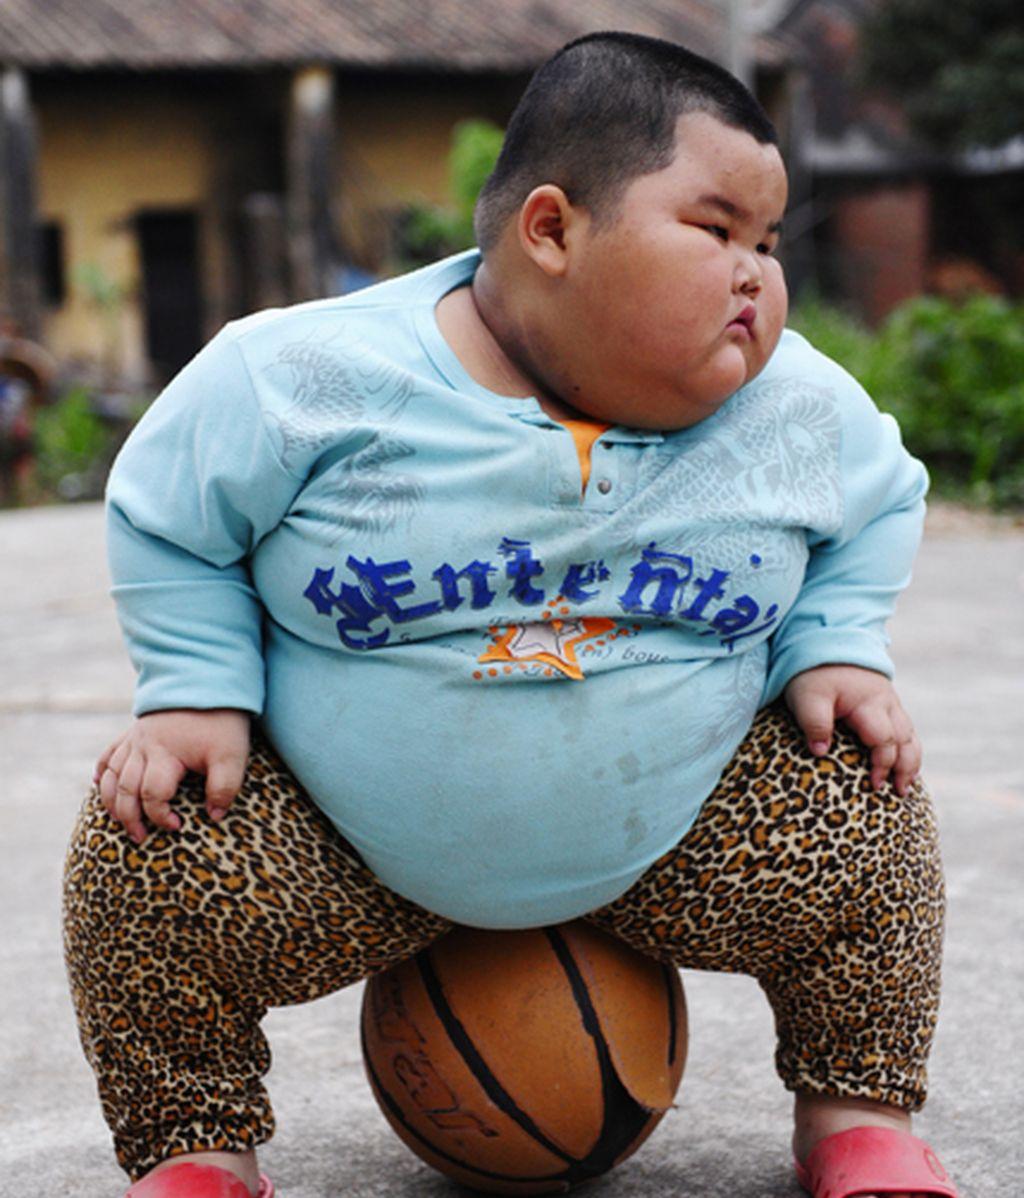 Con cuatro años y 62 kilos, es el niño más gordo del mundo